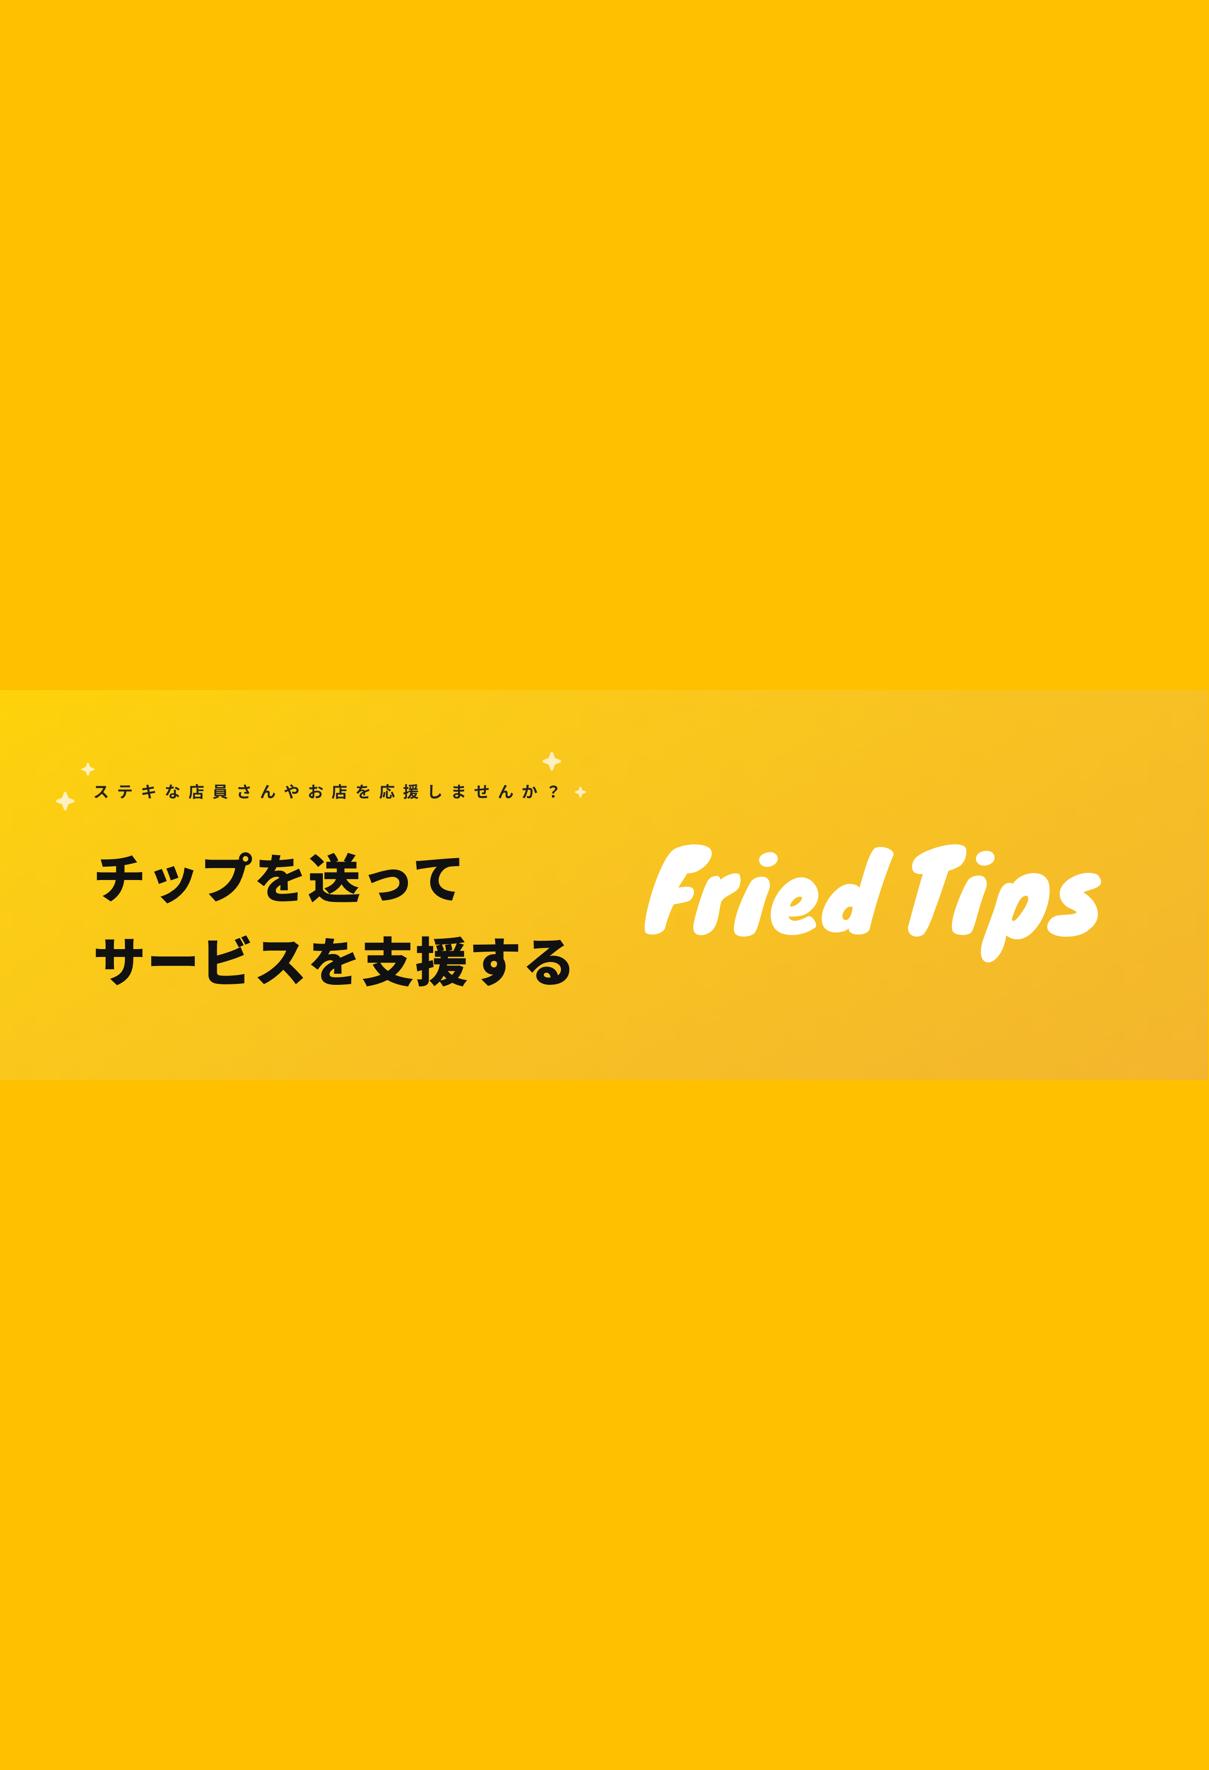 日本にチップ文化を!Fried Tips(フライドチップ)でみんなを笑顔に!